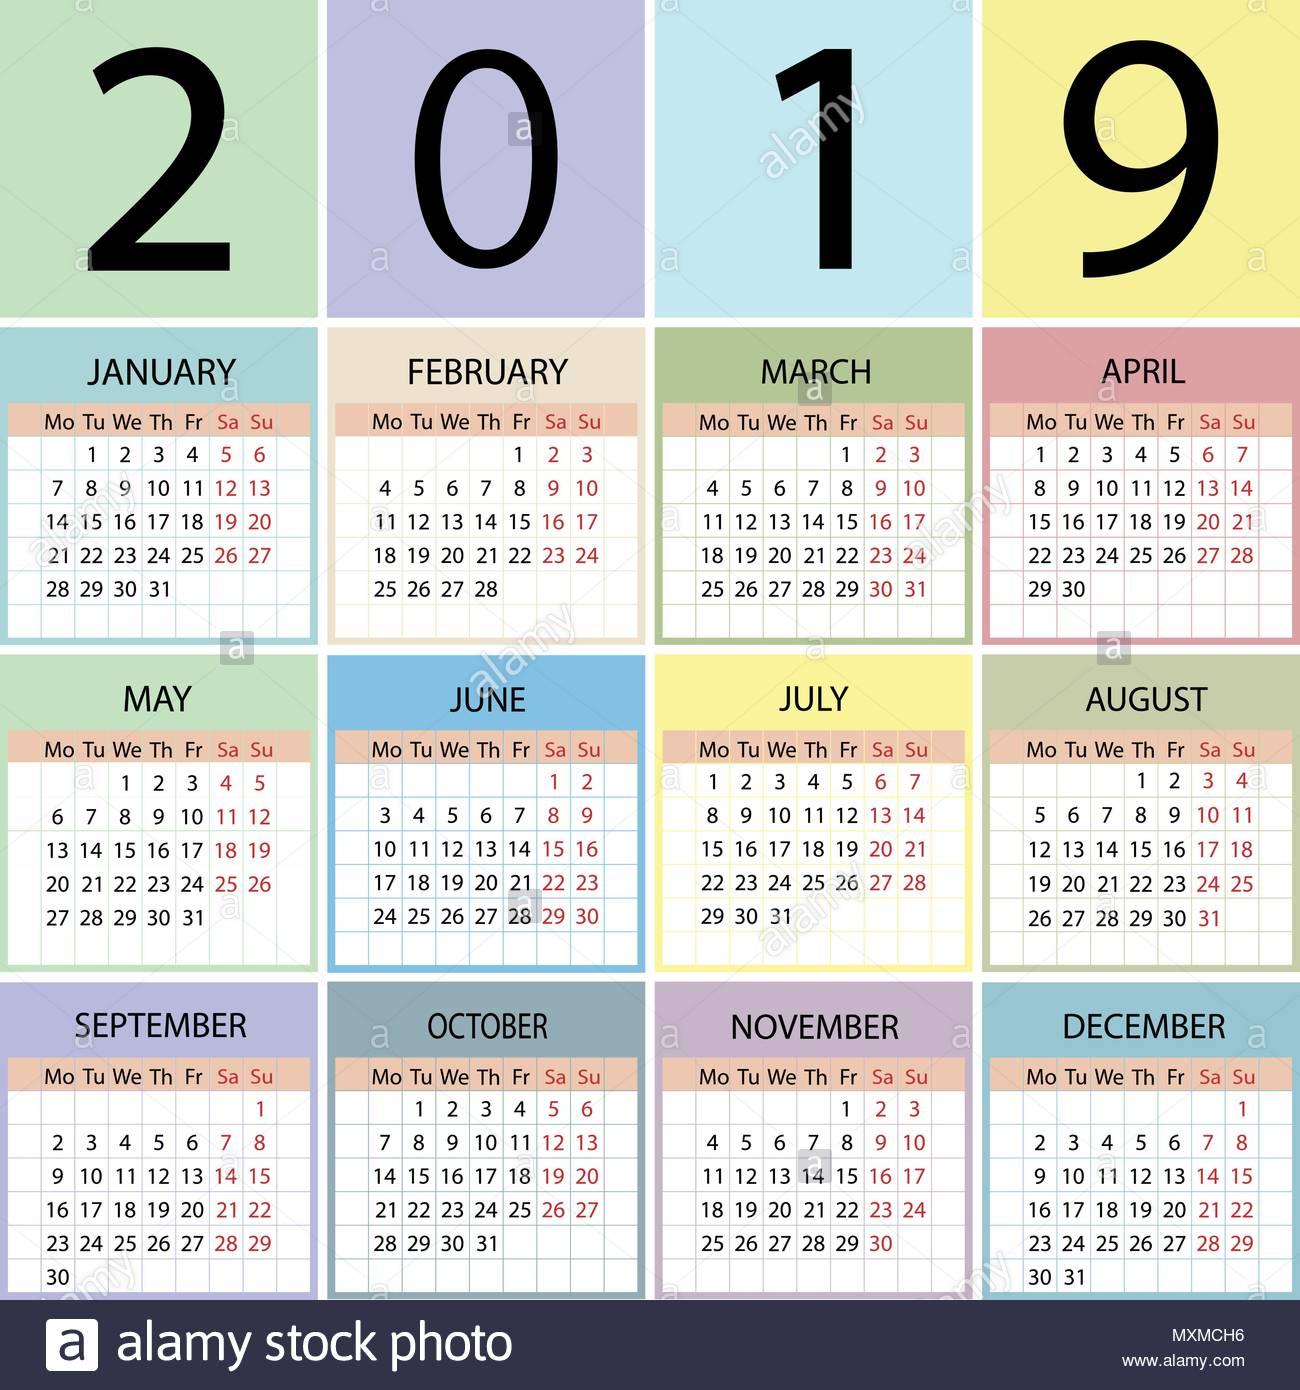 Week Calendar 2019 | 2019 Calendar With Week Numbers And